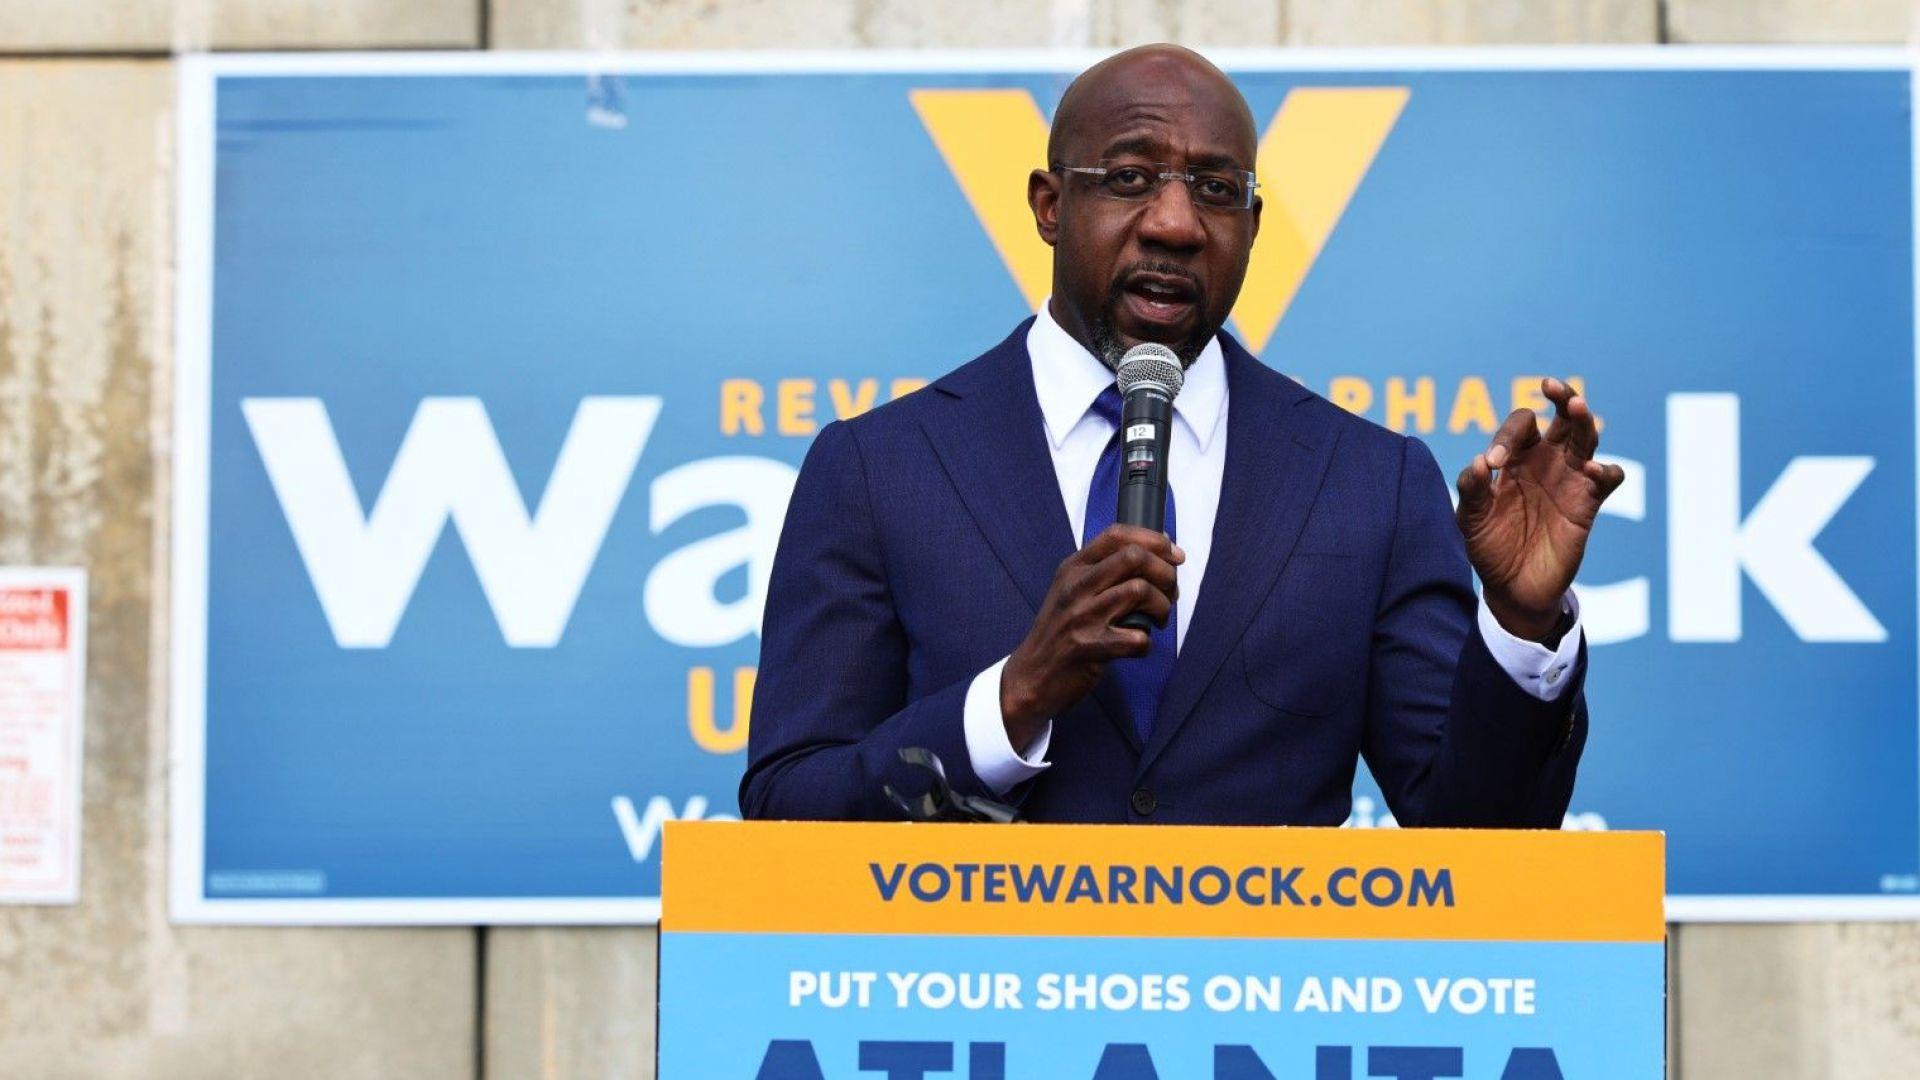 Демократите вероятно печелят едното място в Сената от Джорджия, кой ще вземе второто